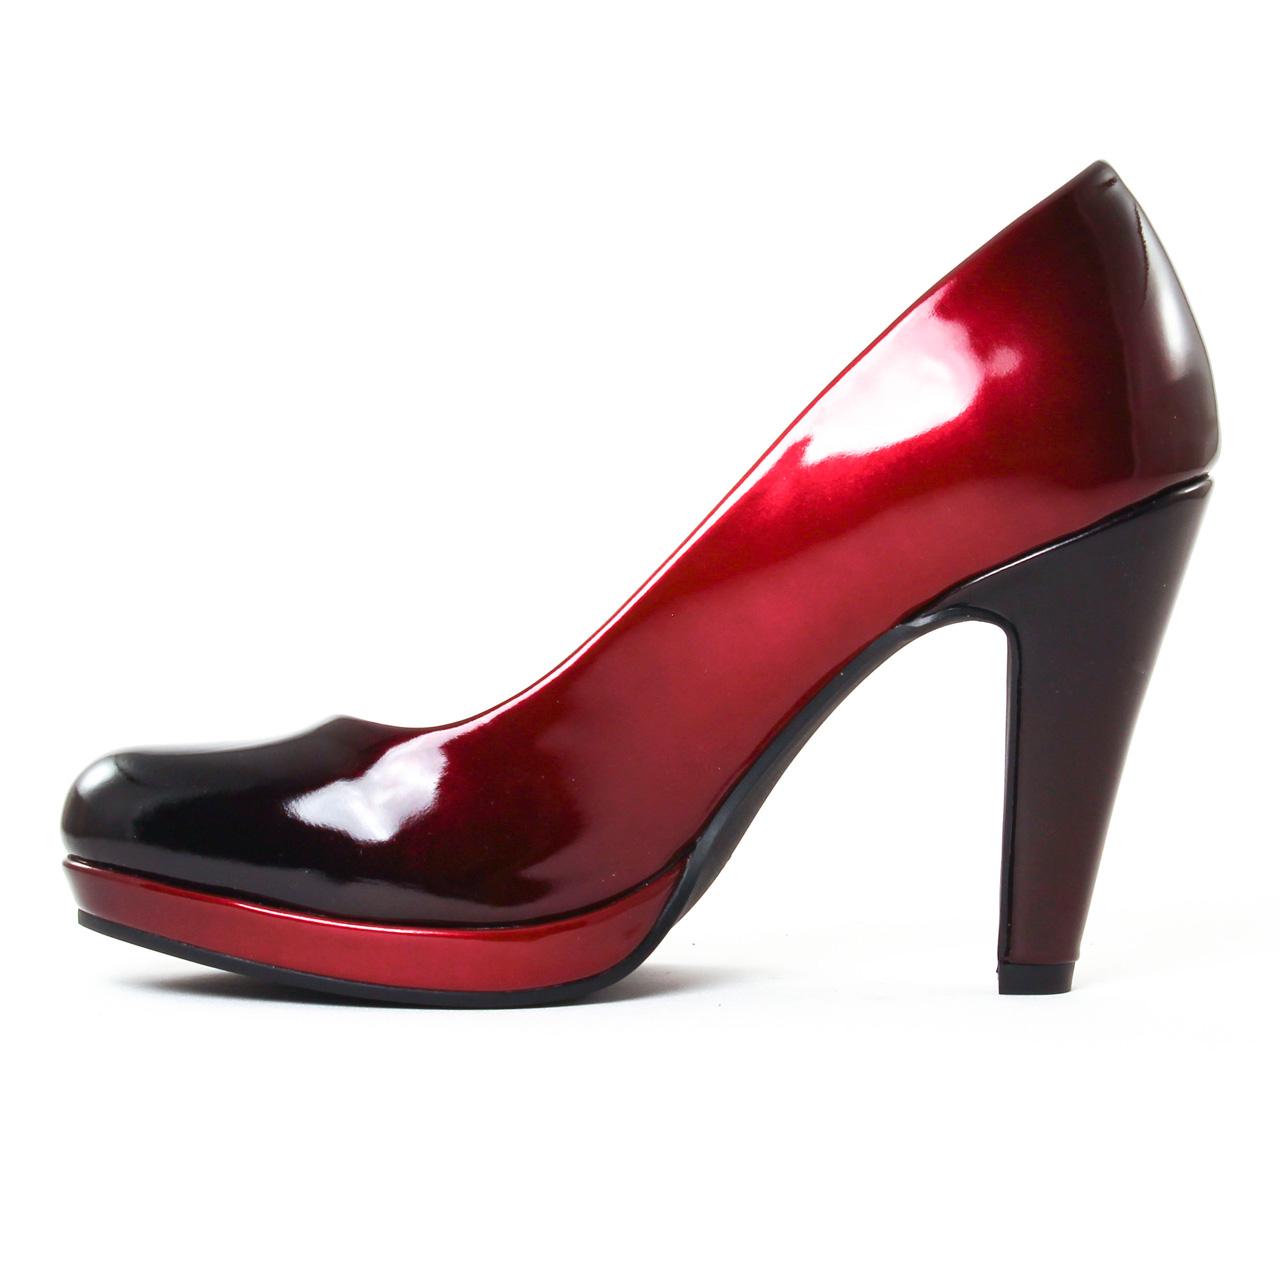 marco tozzi 22410 merlot escarpins rouge noir automne hiver chez trois par 3. Black Bedroom Furniture Sets. Home Design Ideas